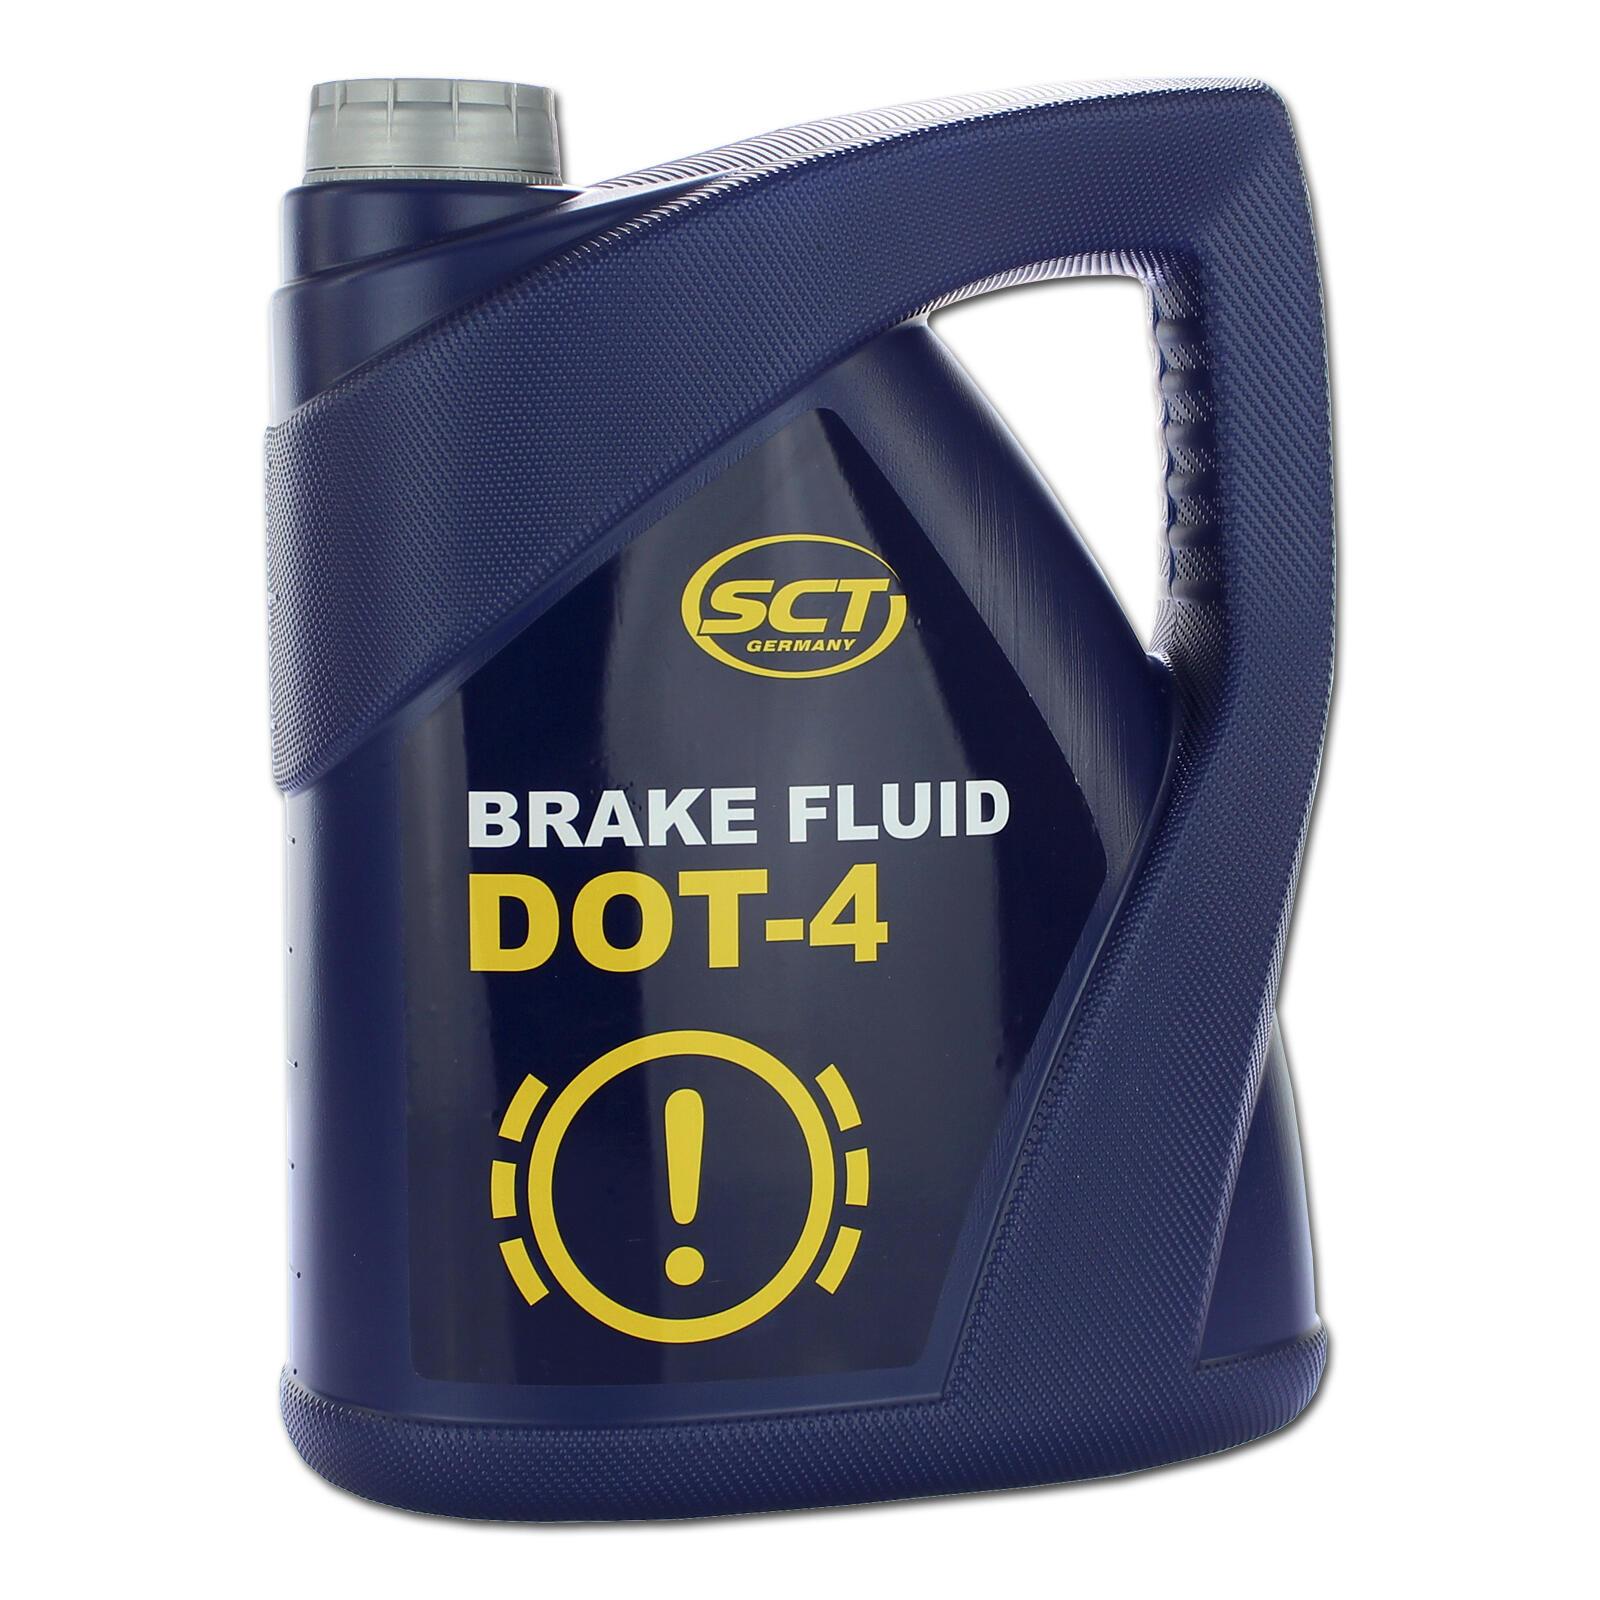 SCT Germany Bremsflüssigkeit 5kg // 5 Liter DOT 4 SAE J 1703 Brake Fluid